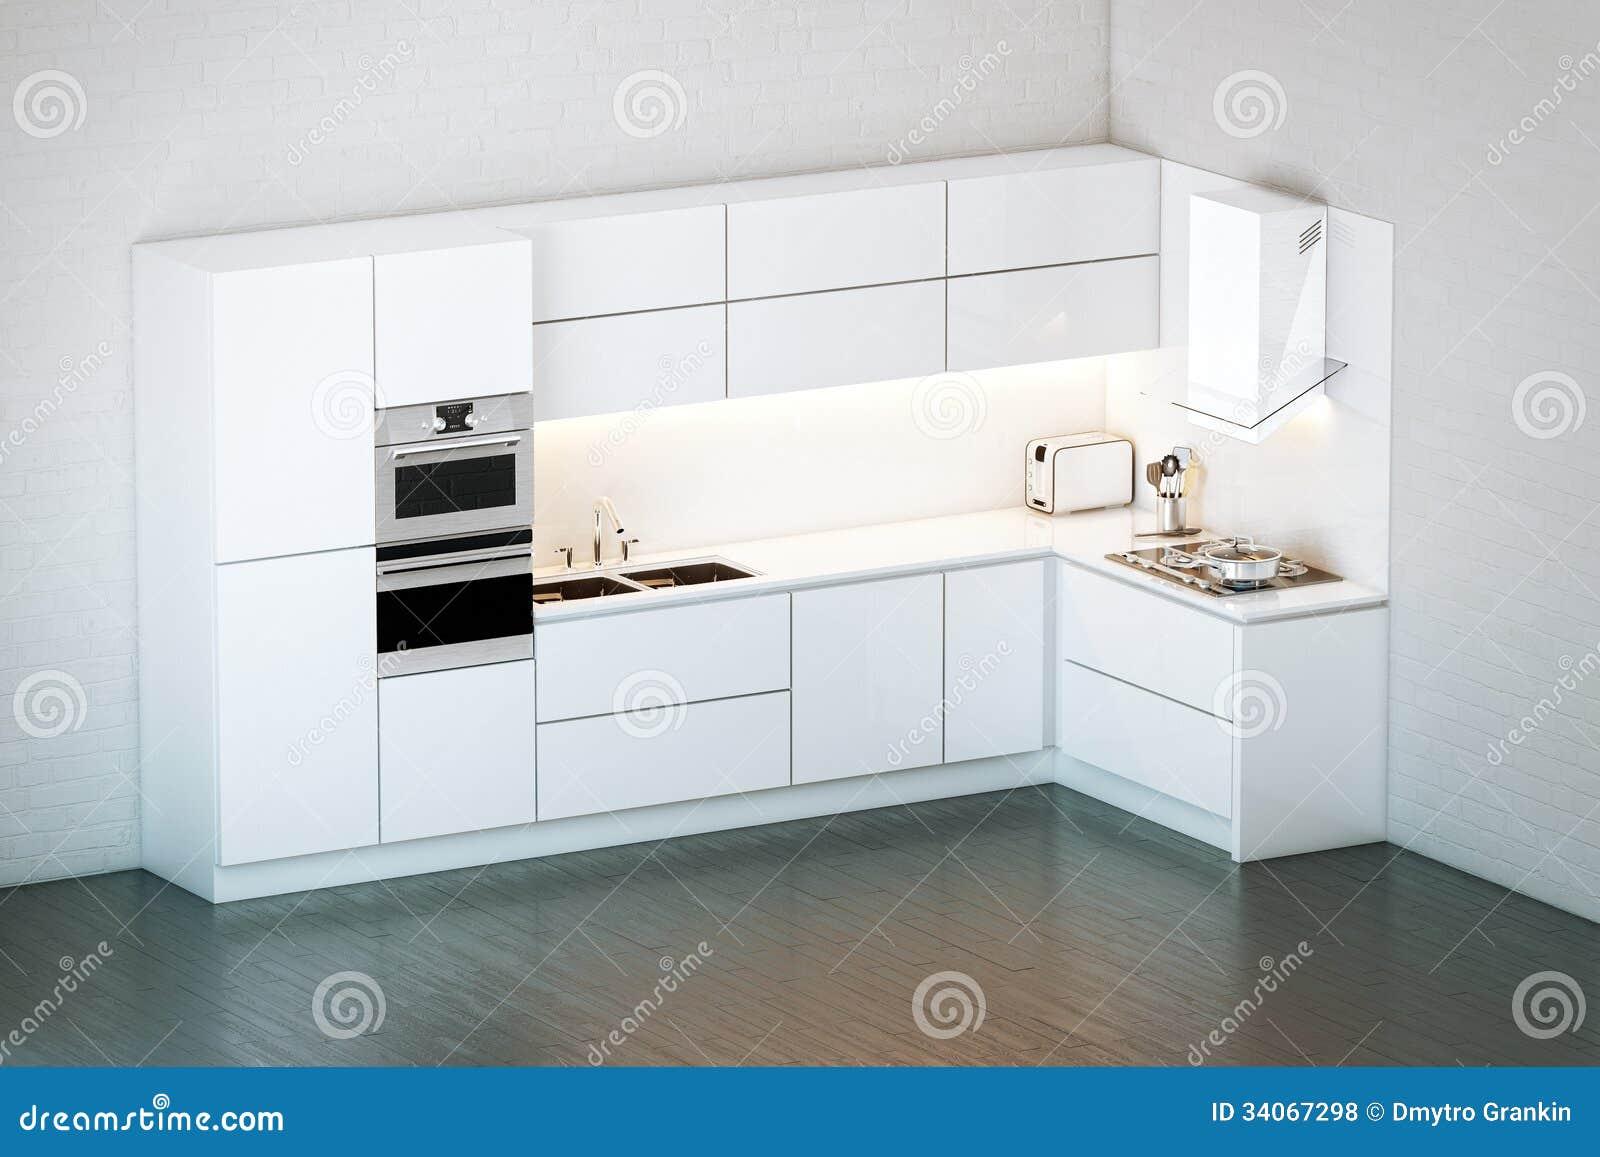 Cuisine blanche de luxe avec des id es for Cuisine de luxe